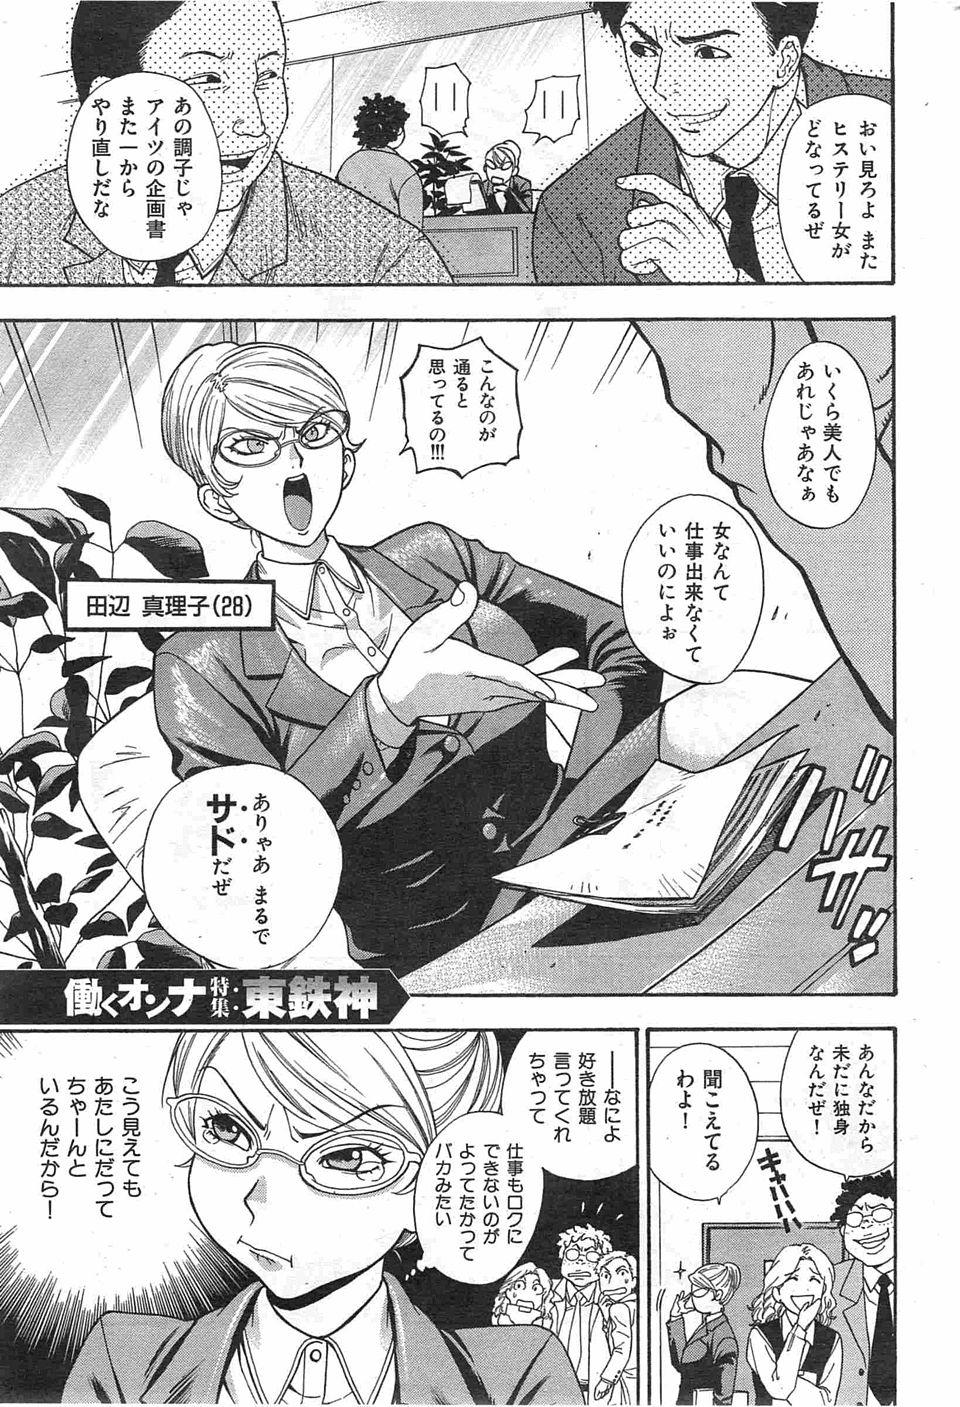 [東鉄神] ご奉仕メイド真理子さん (1)